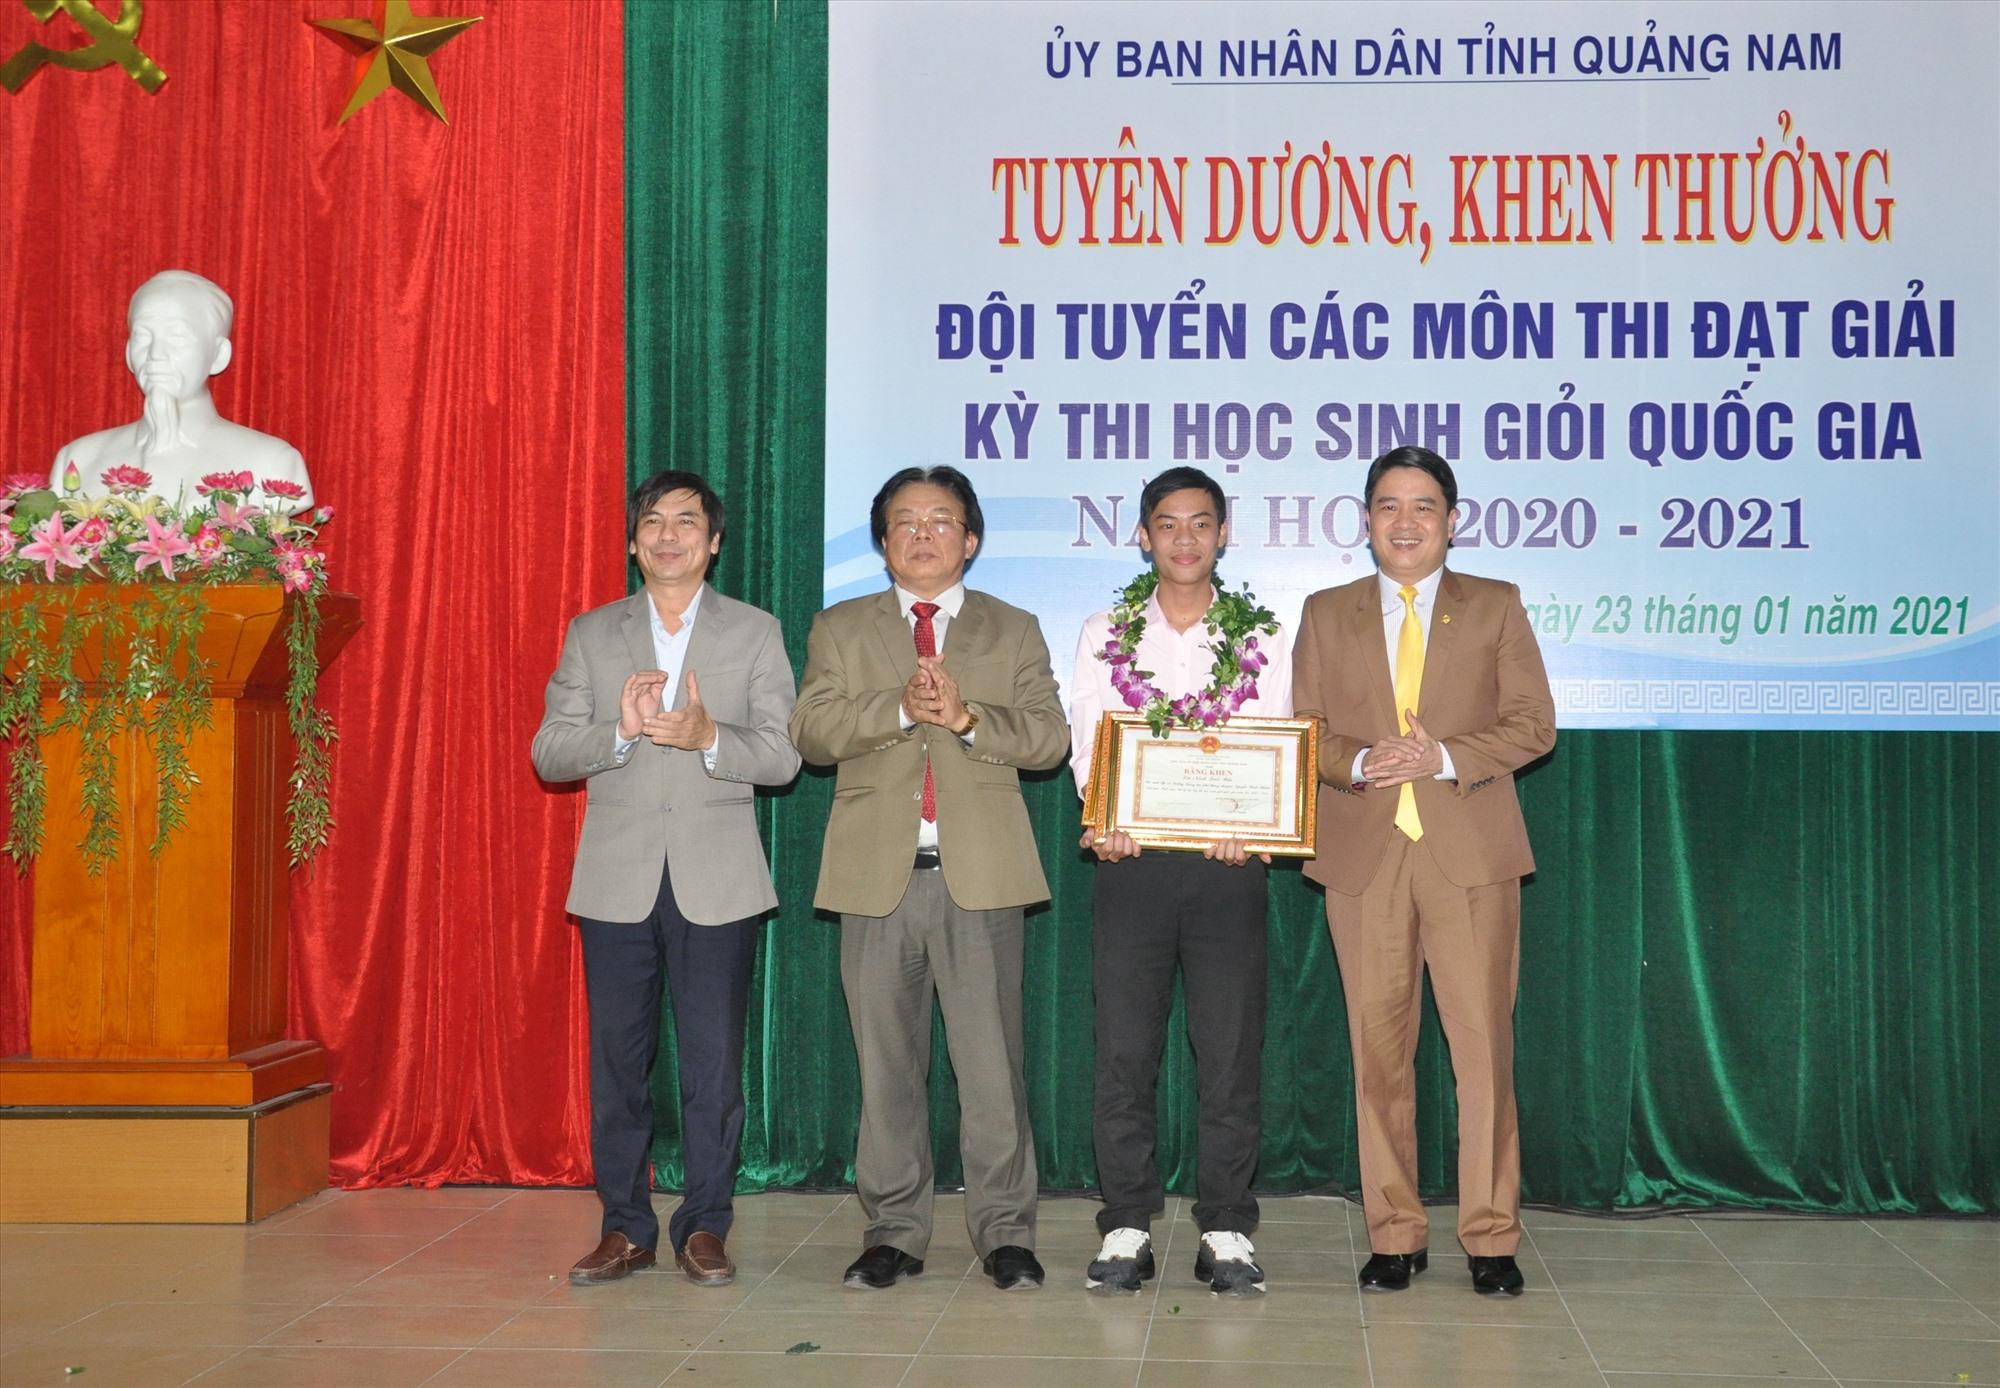 Phó Chủ tịch UBND tỉnh Trần Văn Tân và lãnh đạo Sở GD-ĐT chúc mừng thành tích giải nhất môn Lý của Ninh Quốc Bảo. Ảnh: X.P